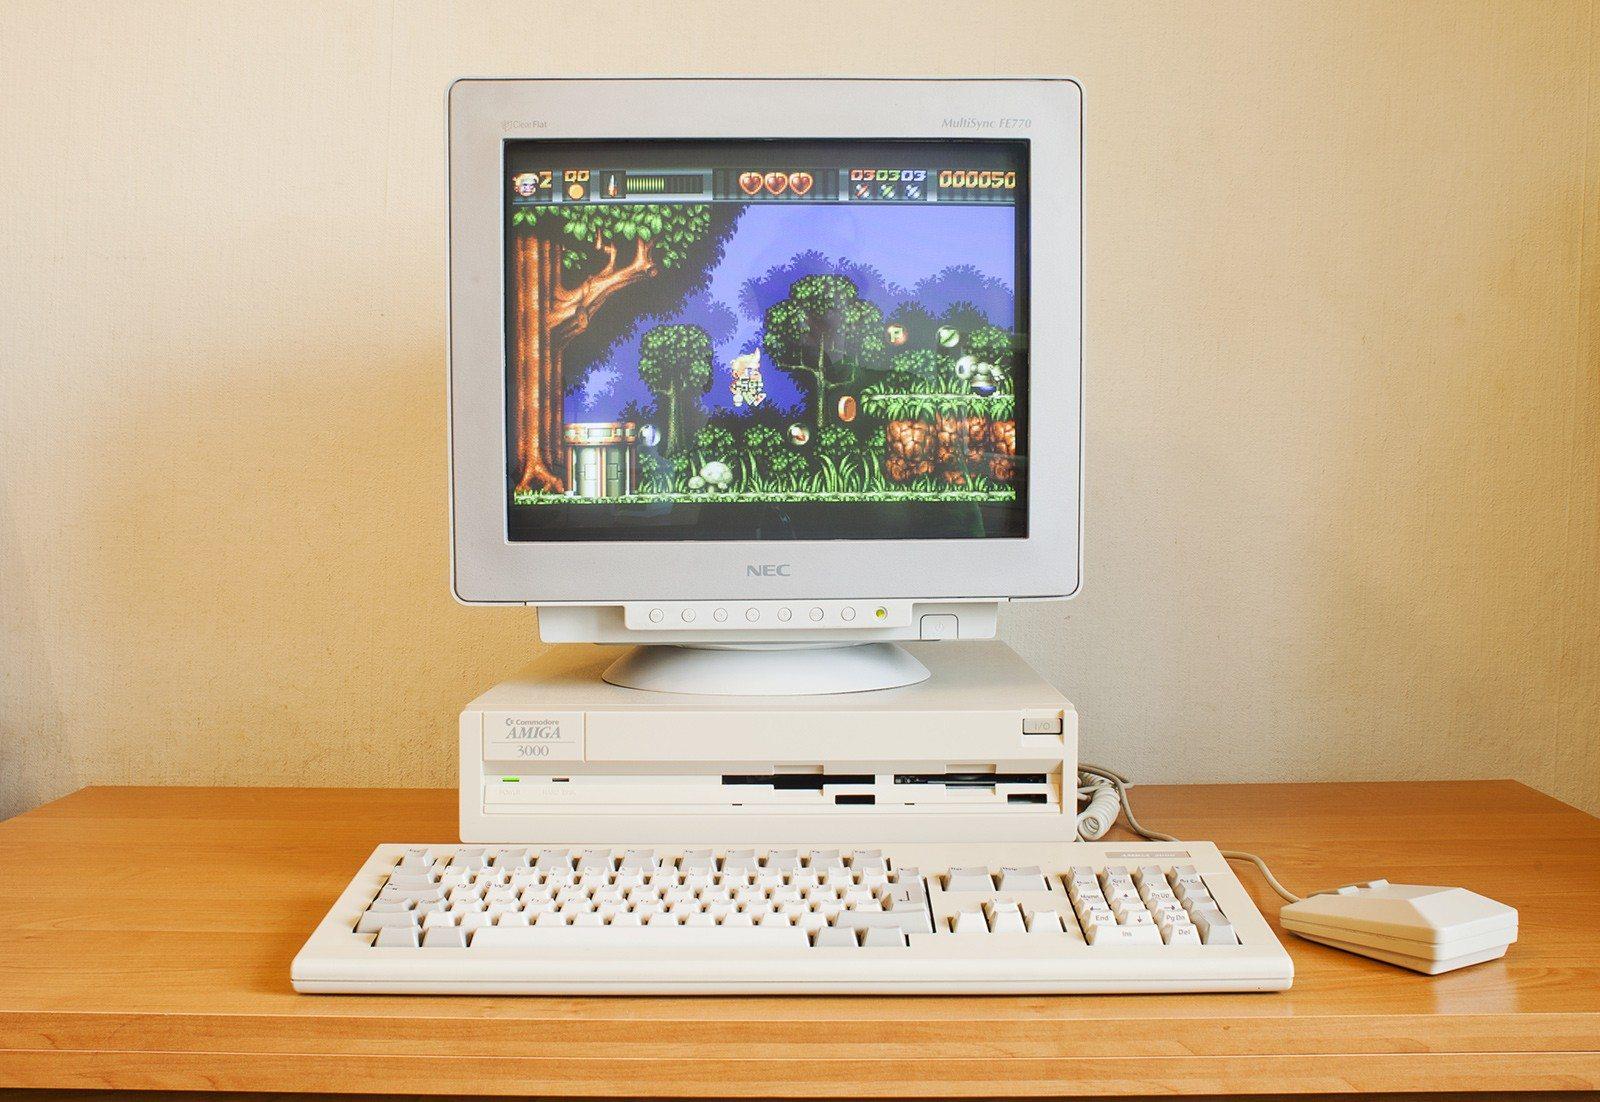 Retroboat - Amiga 3000D